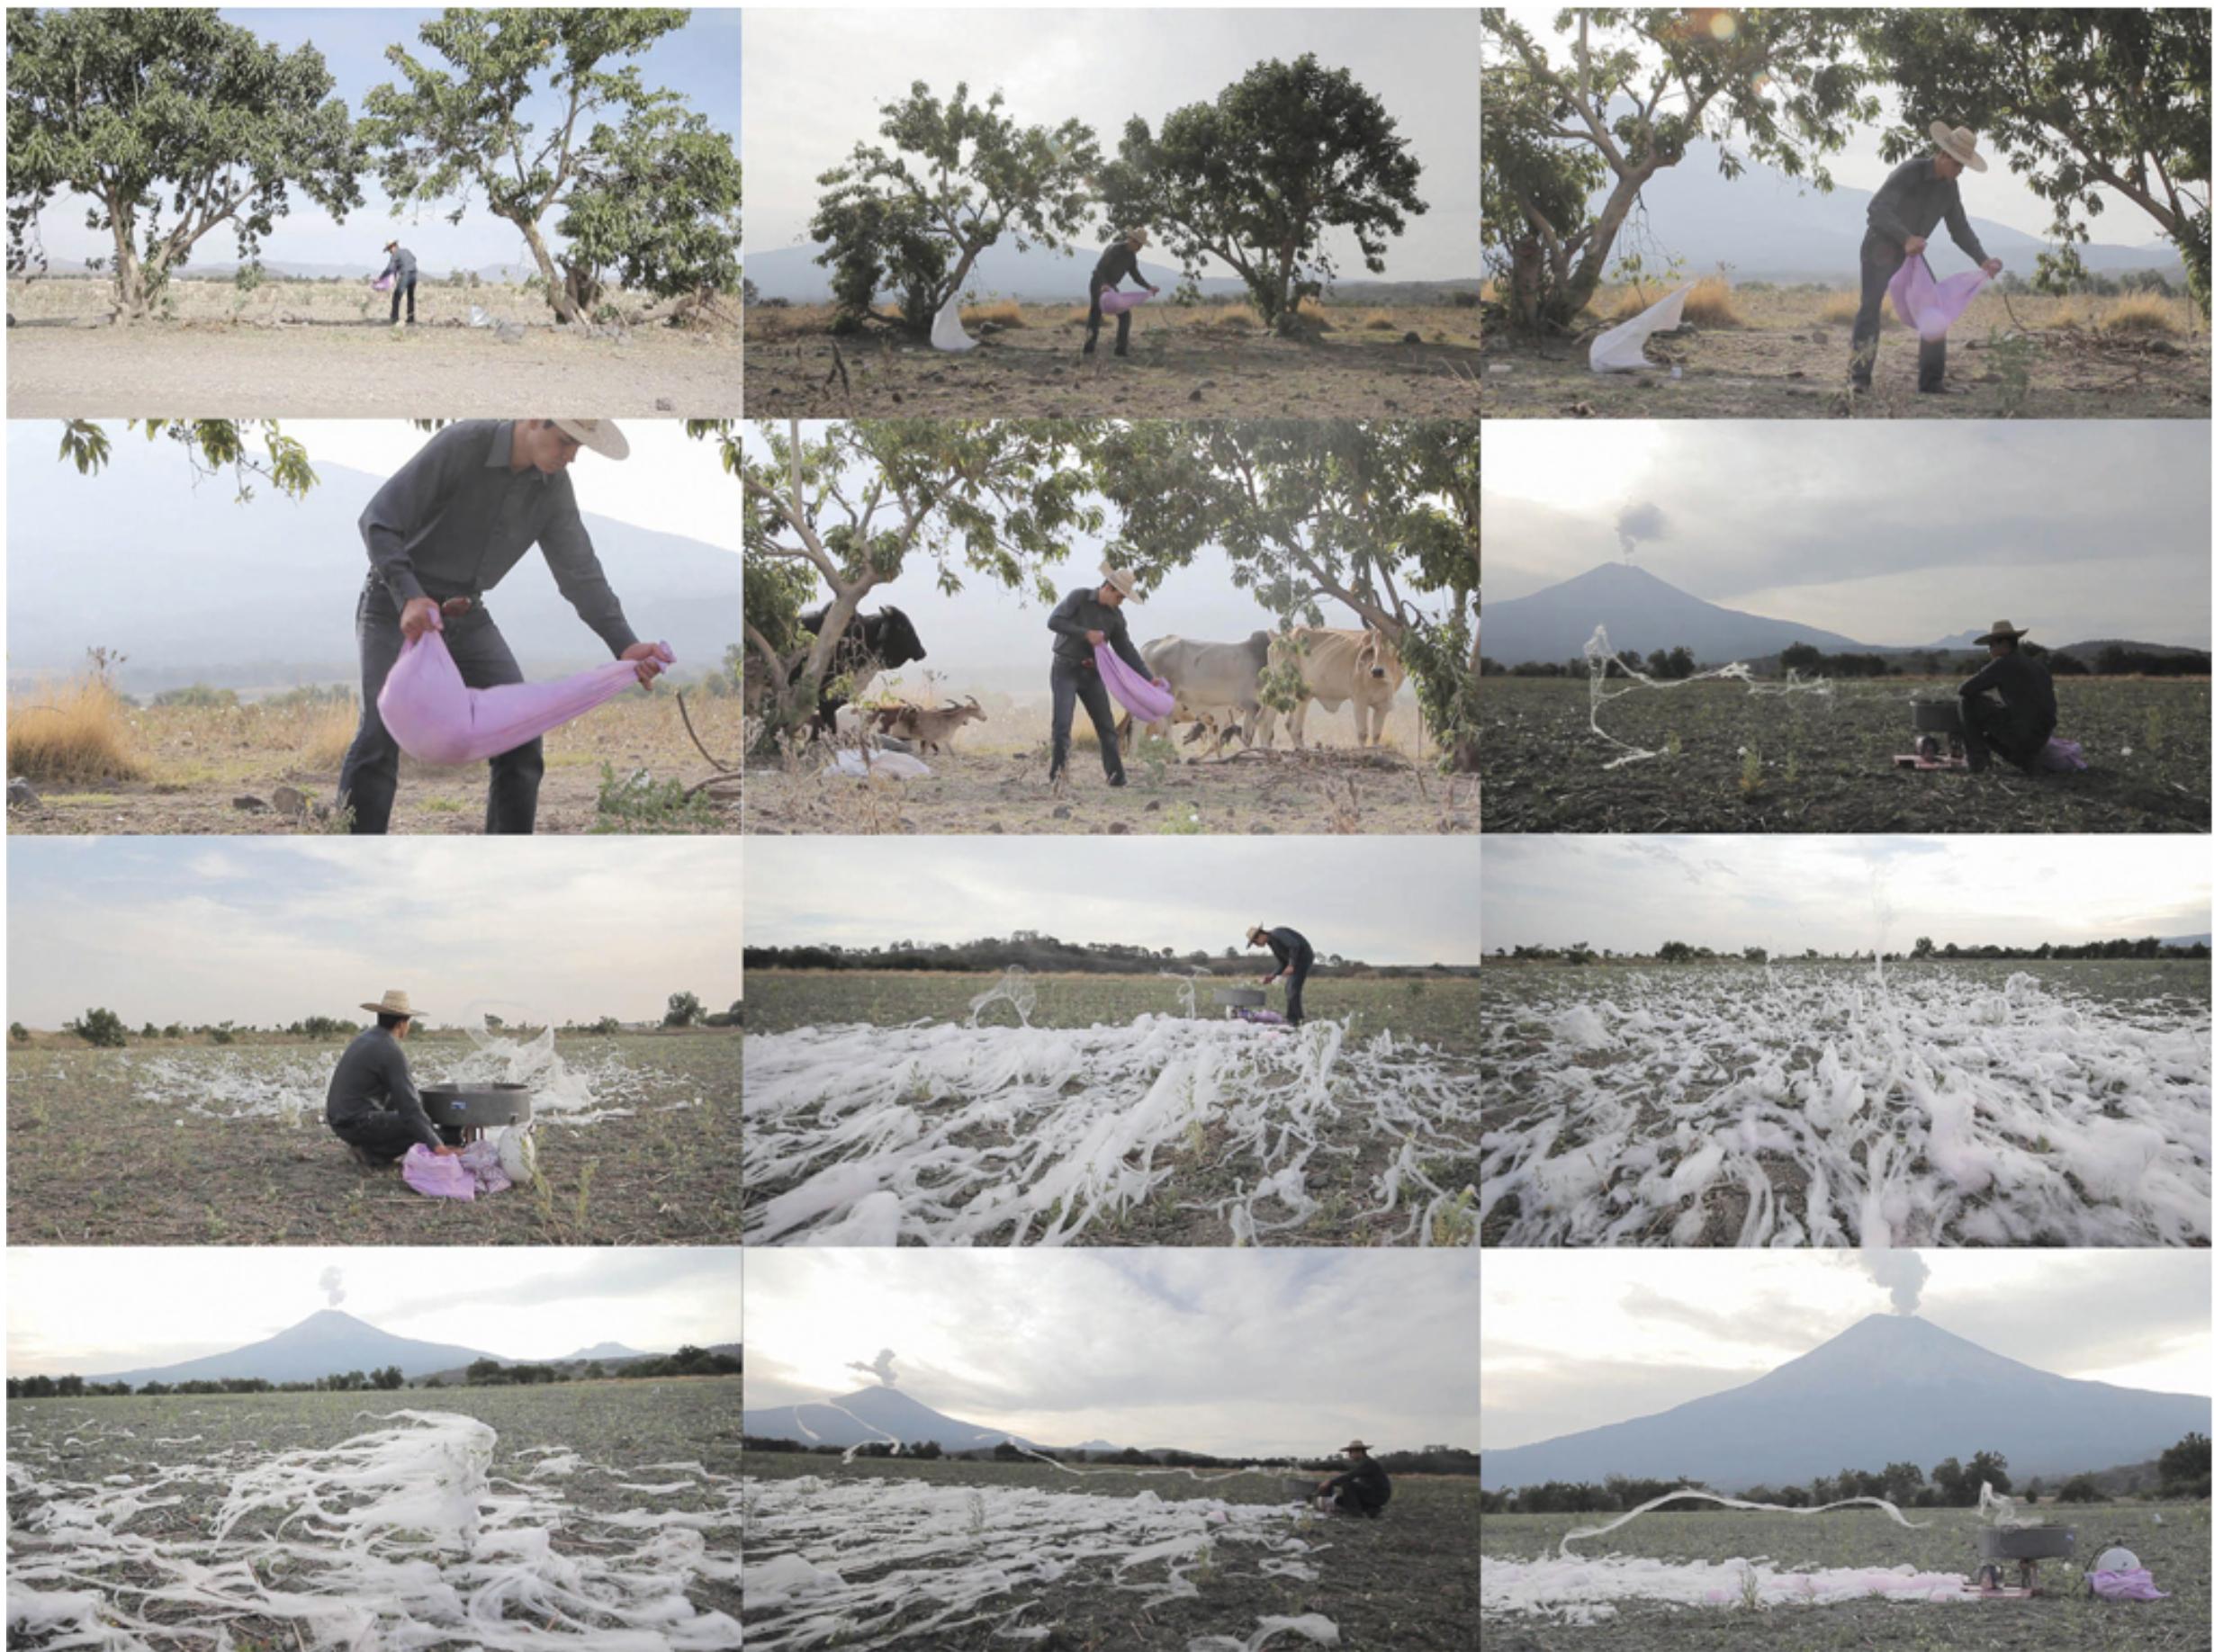 Cerniendo el azúcar (Sifting of sugar), 2012, Video